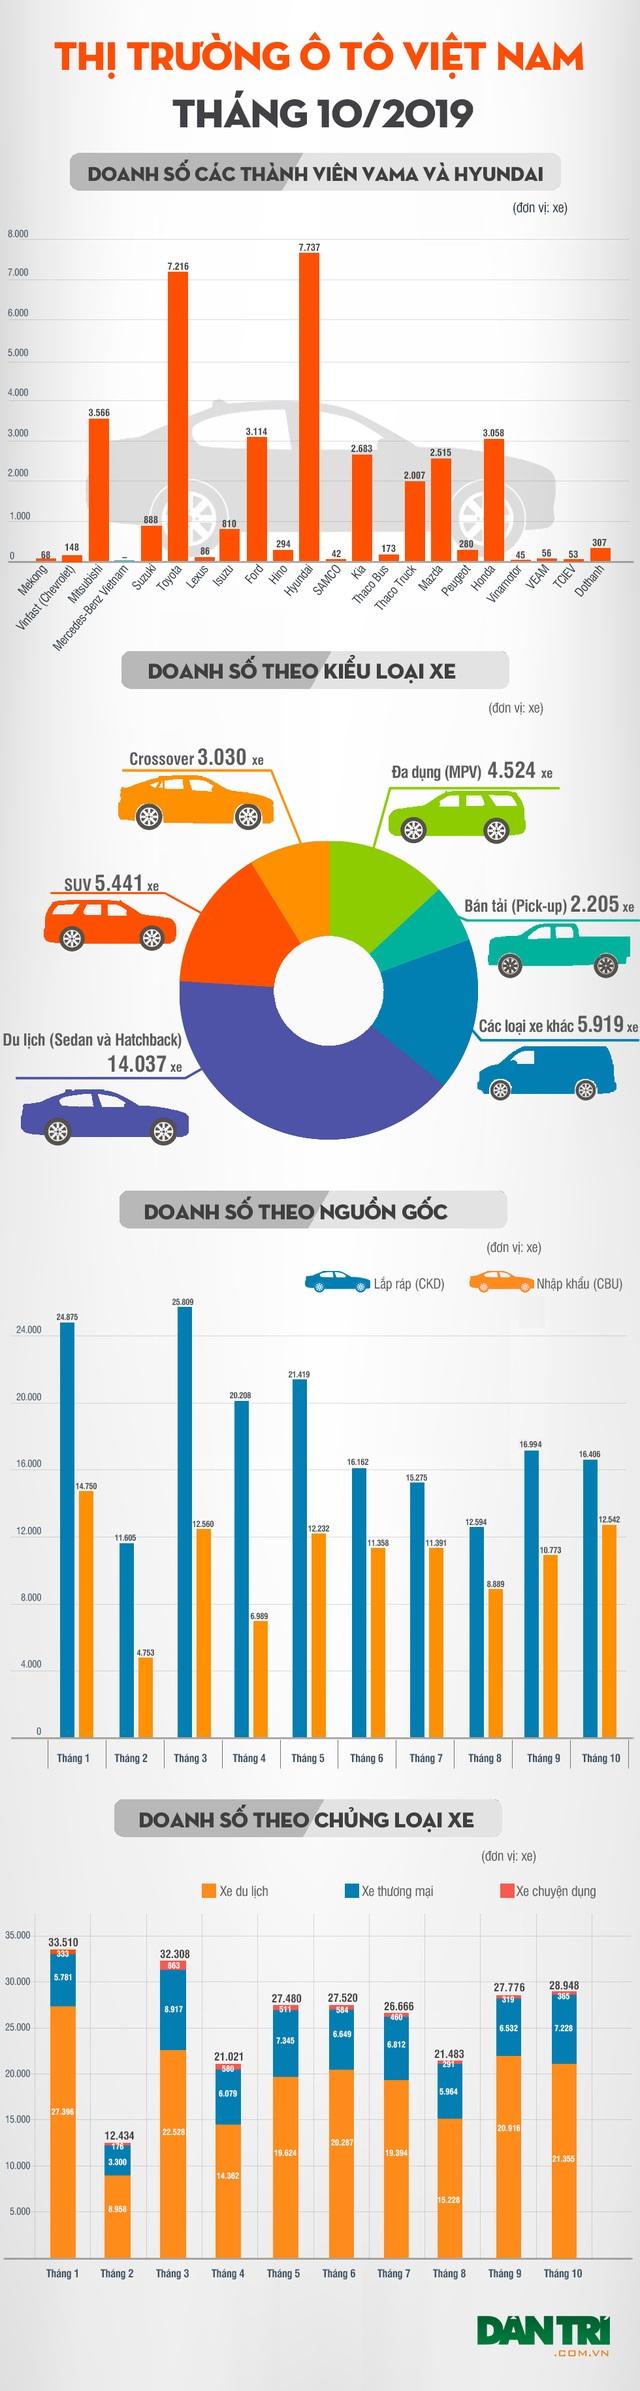 Thương hiệu nào bán nhiều xe nhất Việt Nam tháng 10/2019? - 3